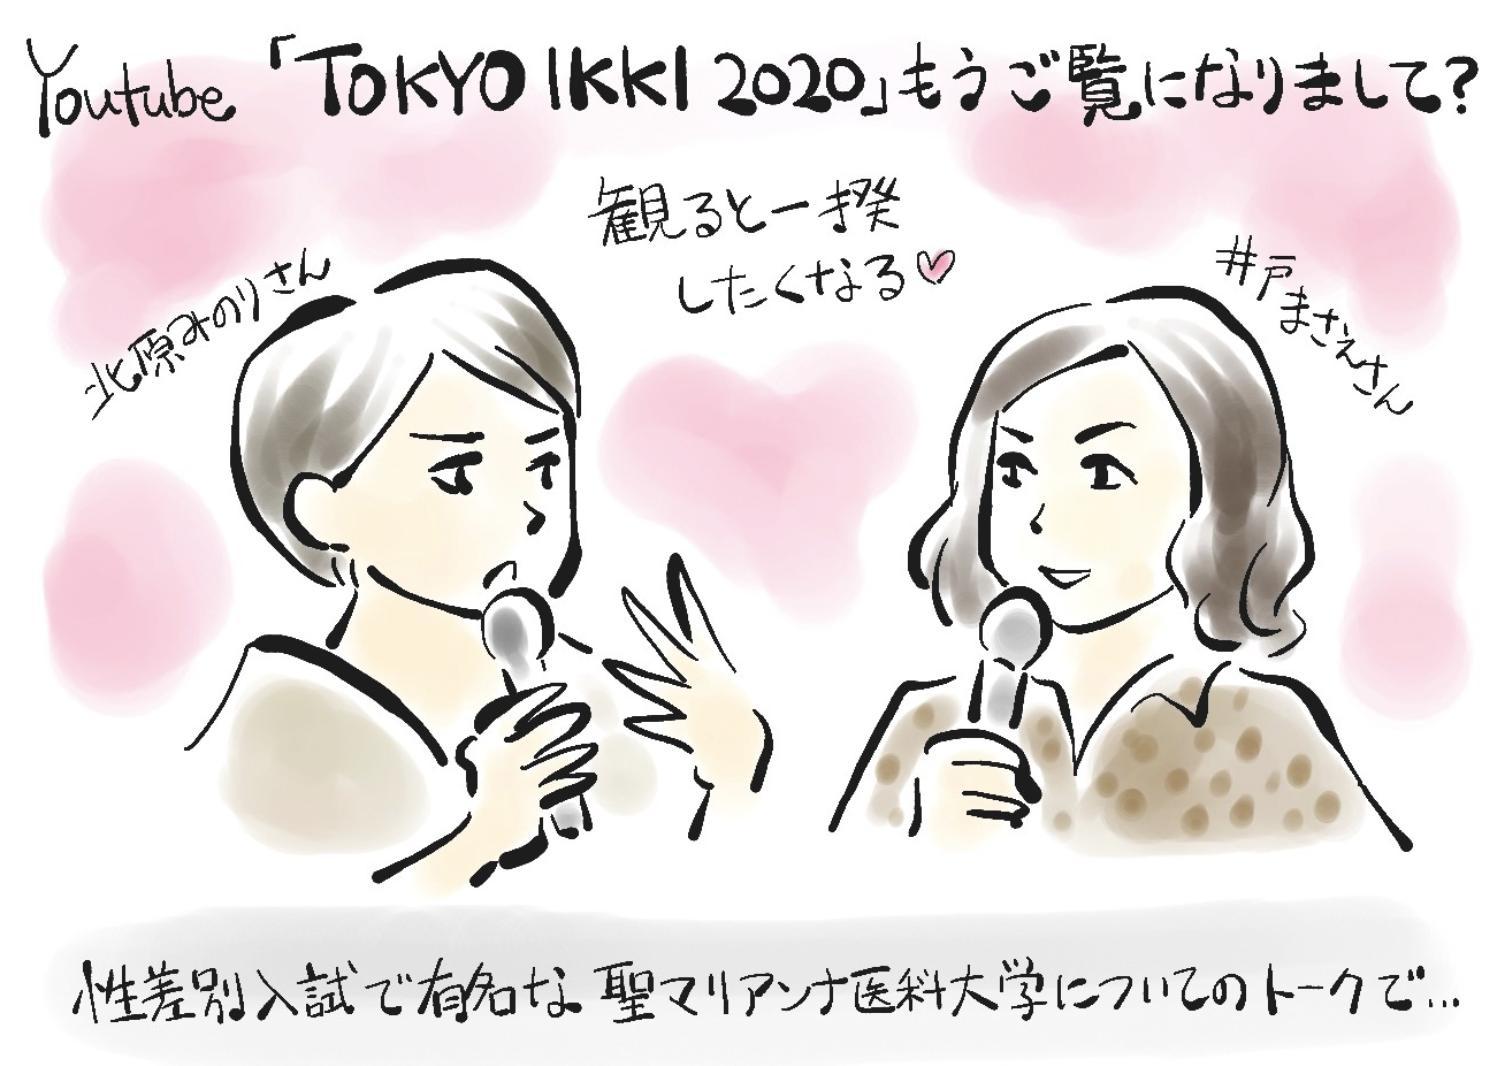 主人なんていませんッ! 第24回 TOKYO IKKI 2020~鍬とペン~ああ、一揆したい!!!